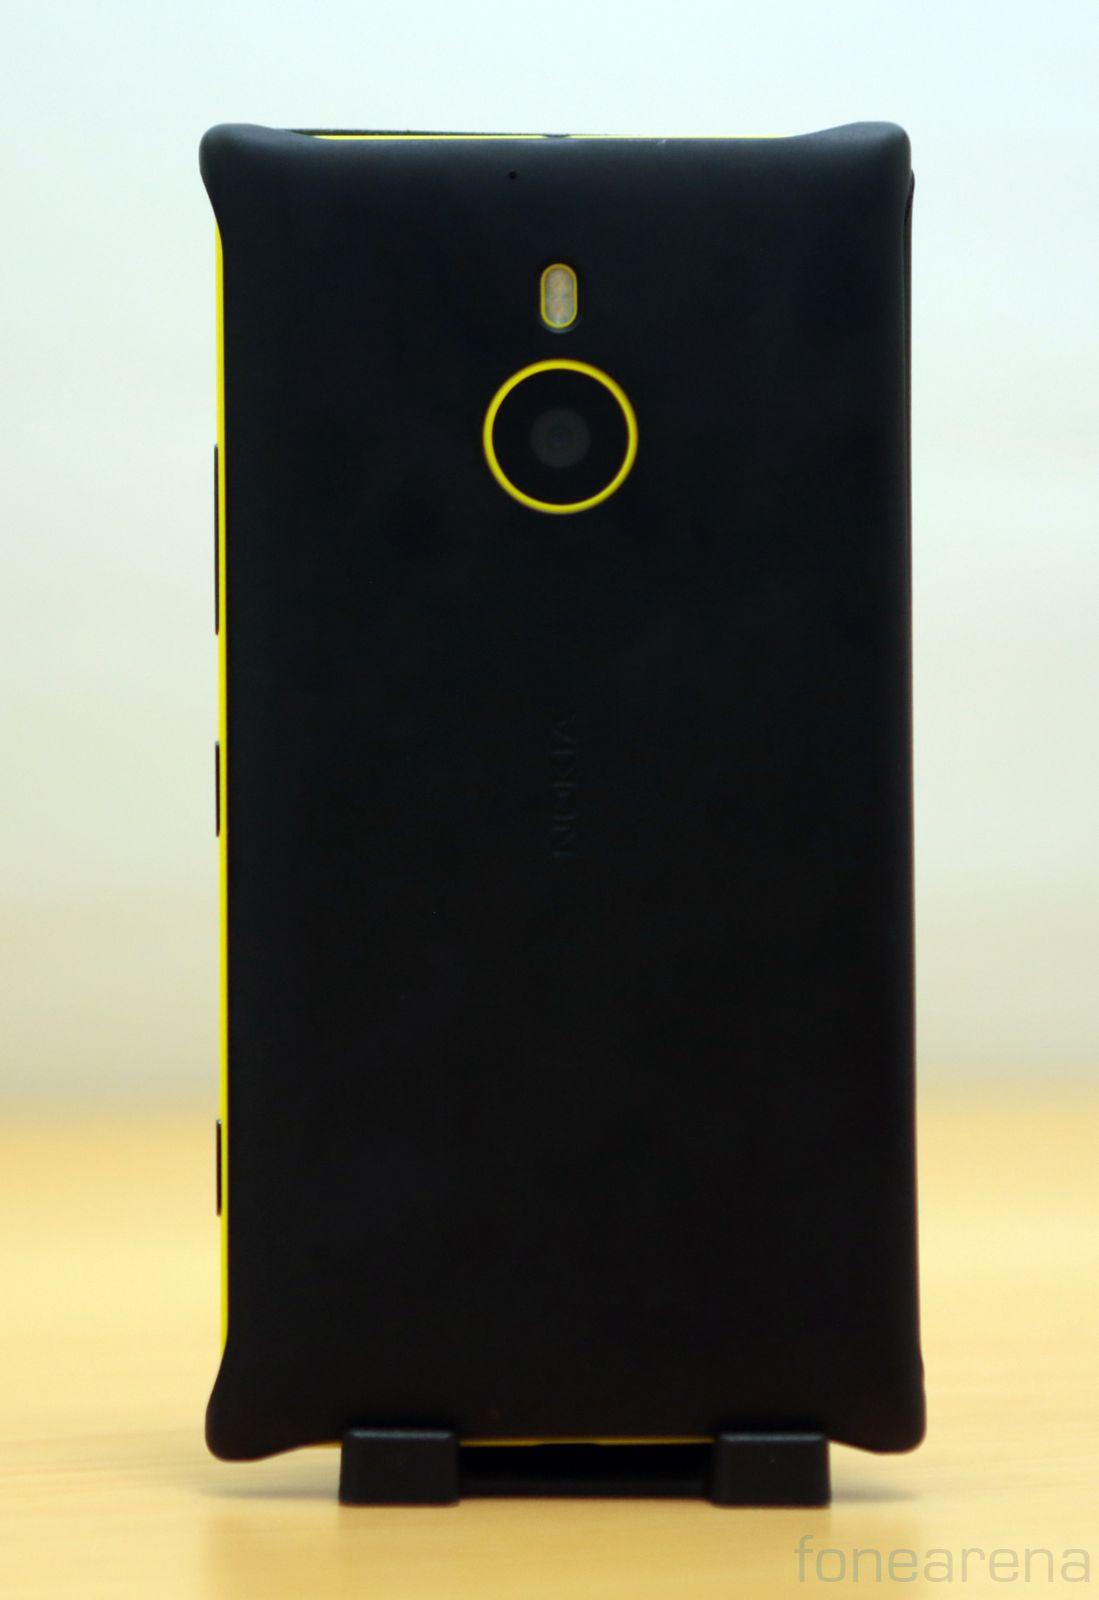 Nokia Lumia 1520 Offic...